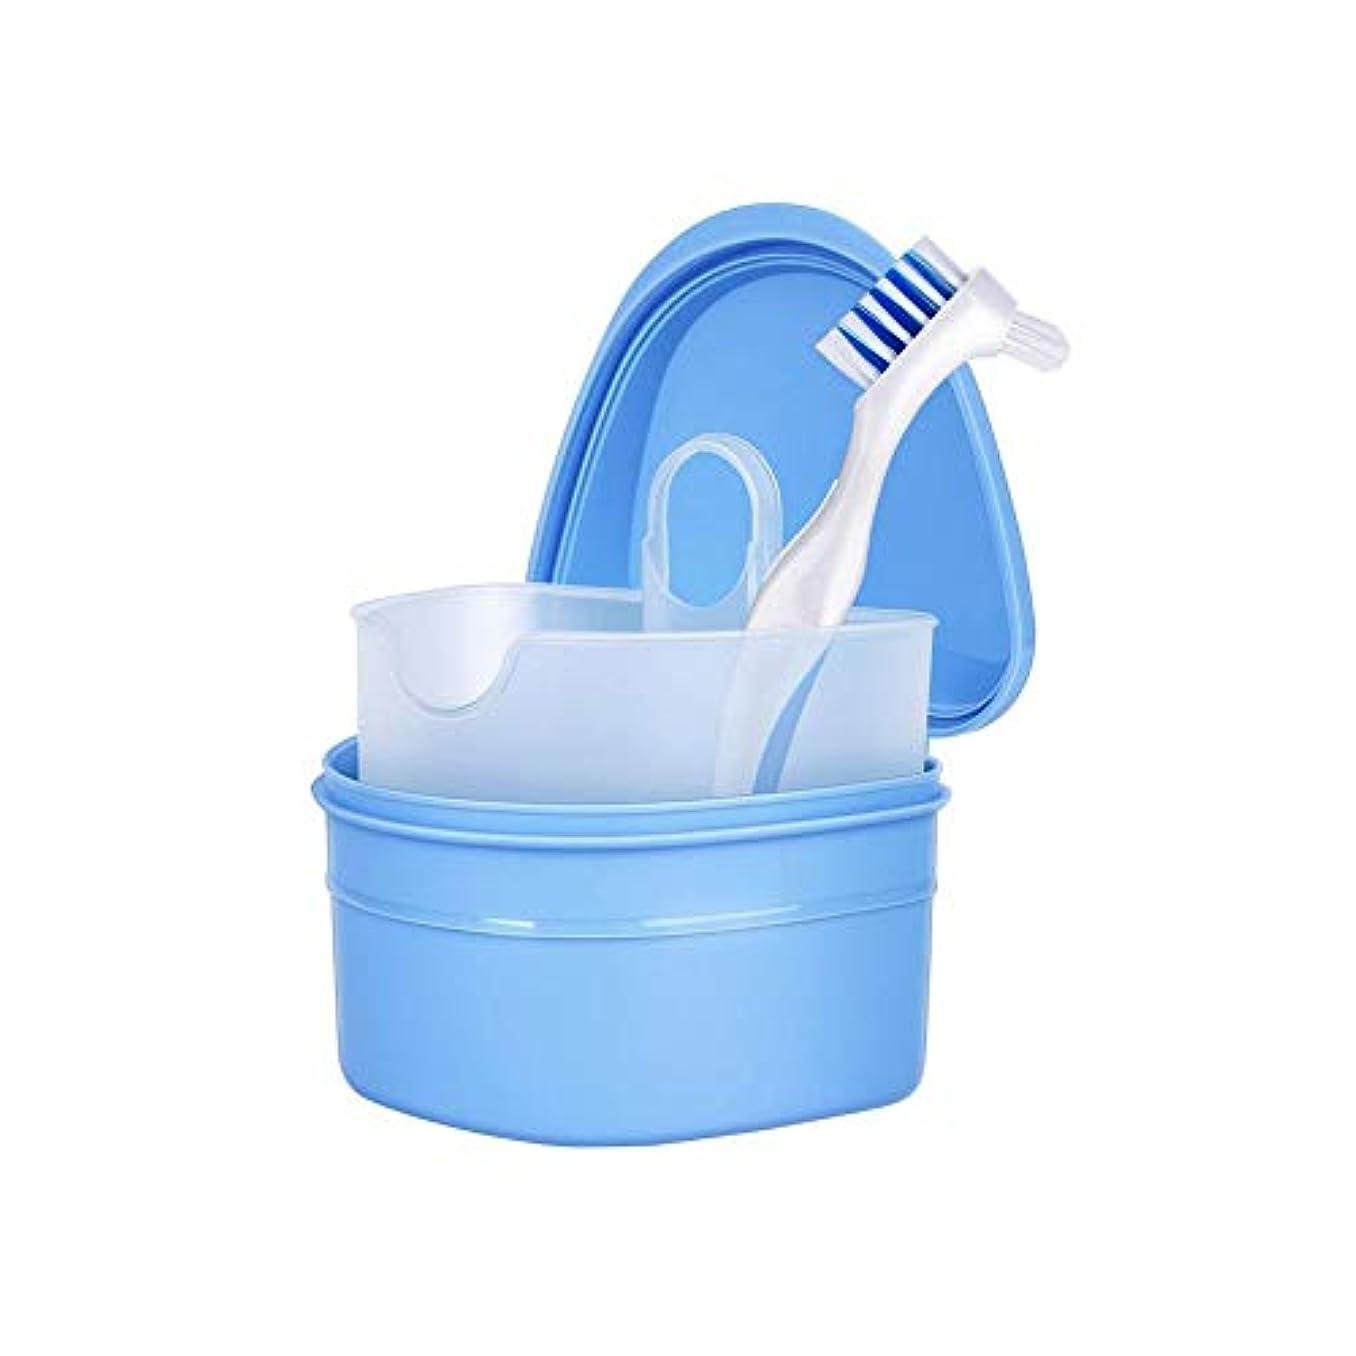 最小化する特殊子孫入れ歯ケース 入れ歯収納 ブラシ付 義歯箱 リテーナーボックス 防水 軽量 ミニ 携帯用 家庭 旅行 出張 義歯収納容器